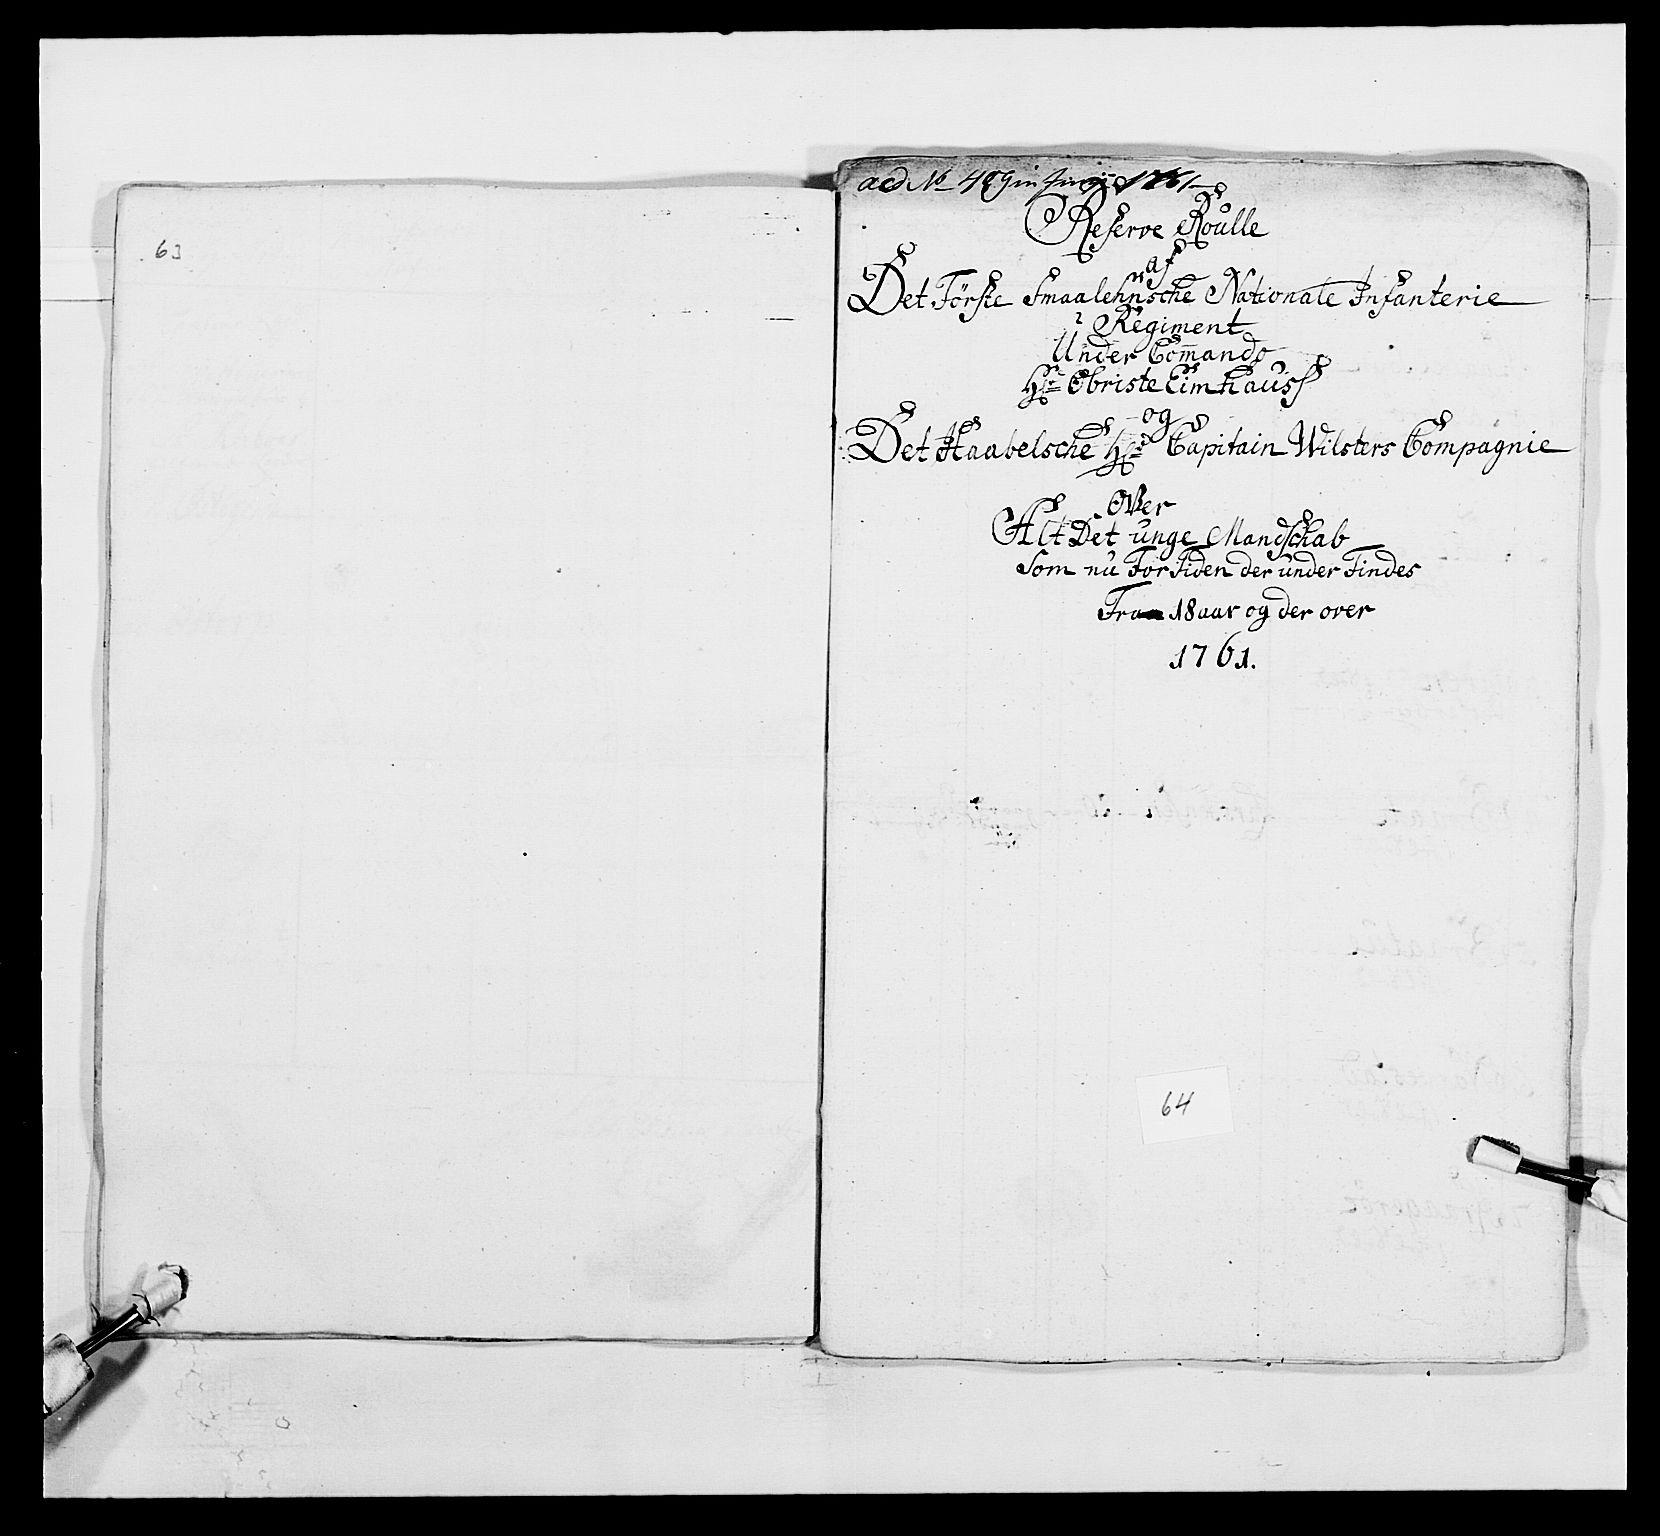 RA, Kommanderende general (KG I) med Det norske krigsdirektorium, E/Ea/L0495: 1. Smålenske regiment, 1732-1763, s. 796